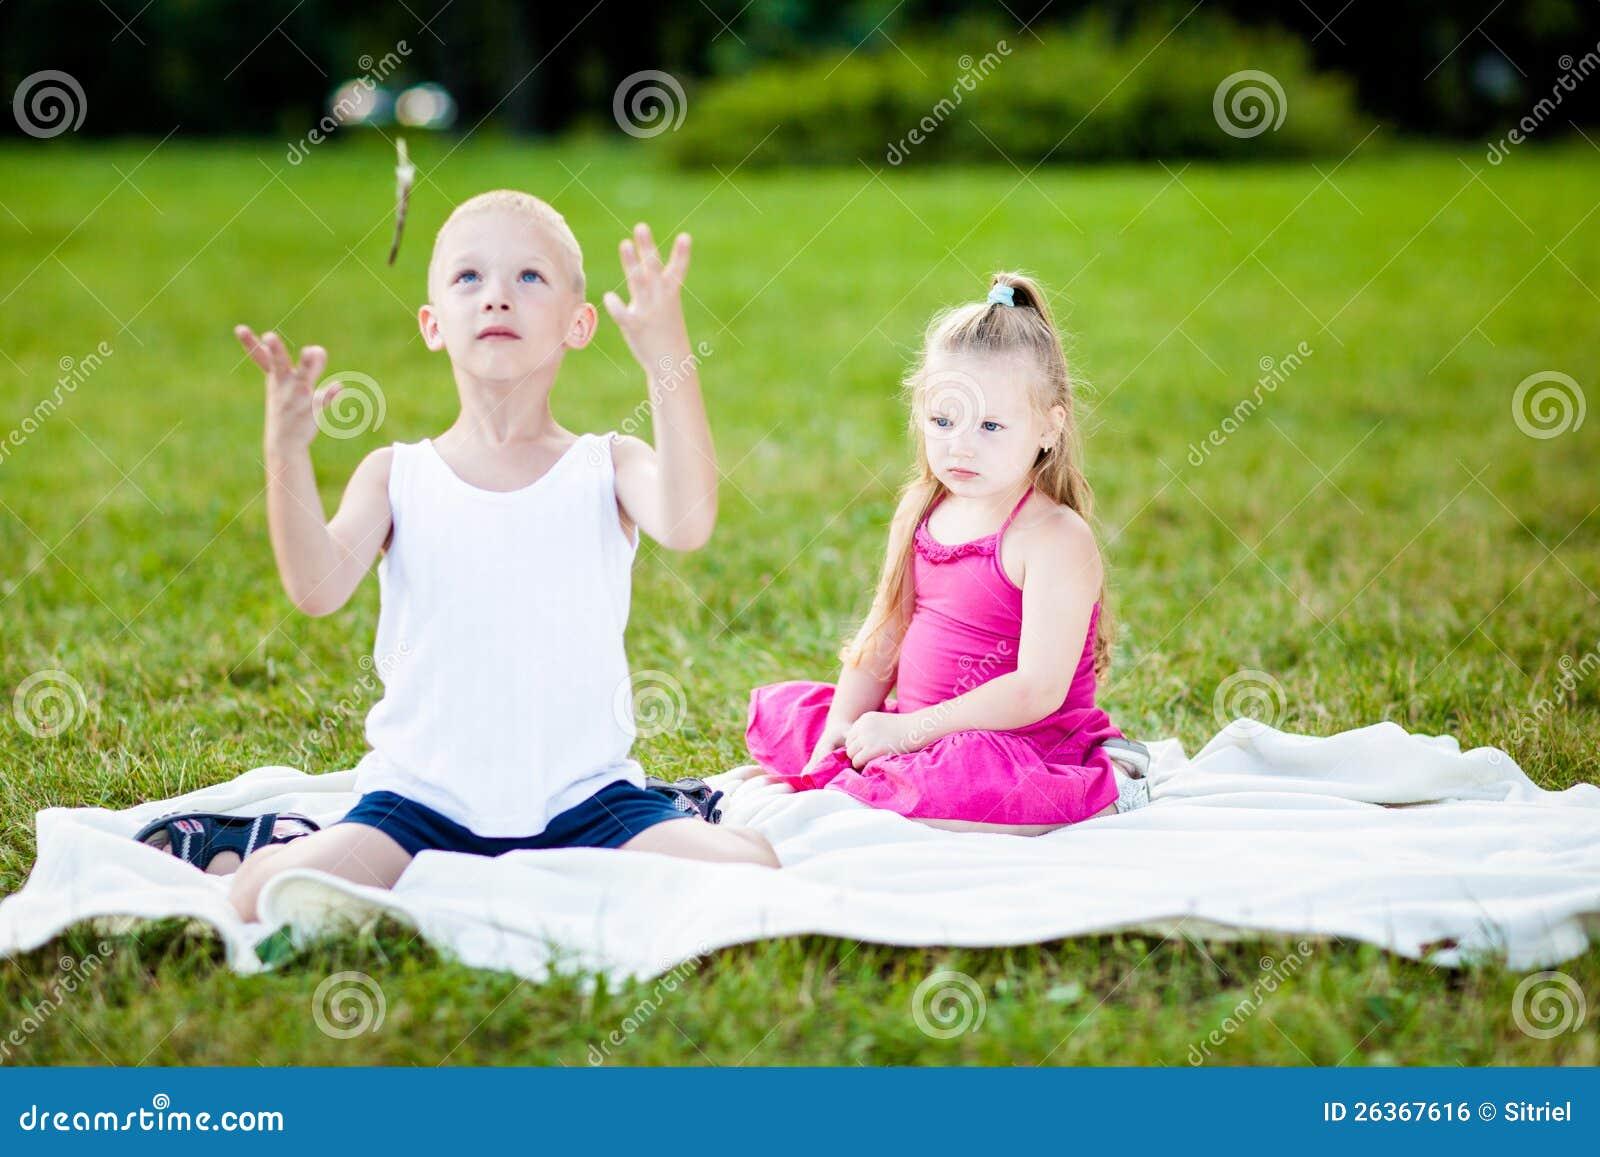 Glückliches kleines Mädchen und Junge in einem Park